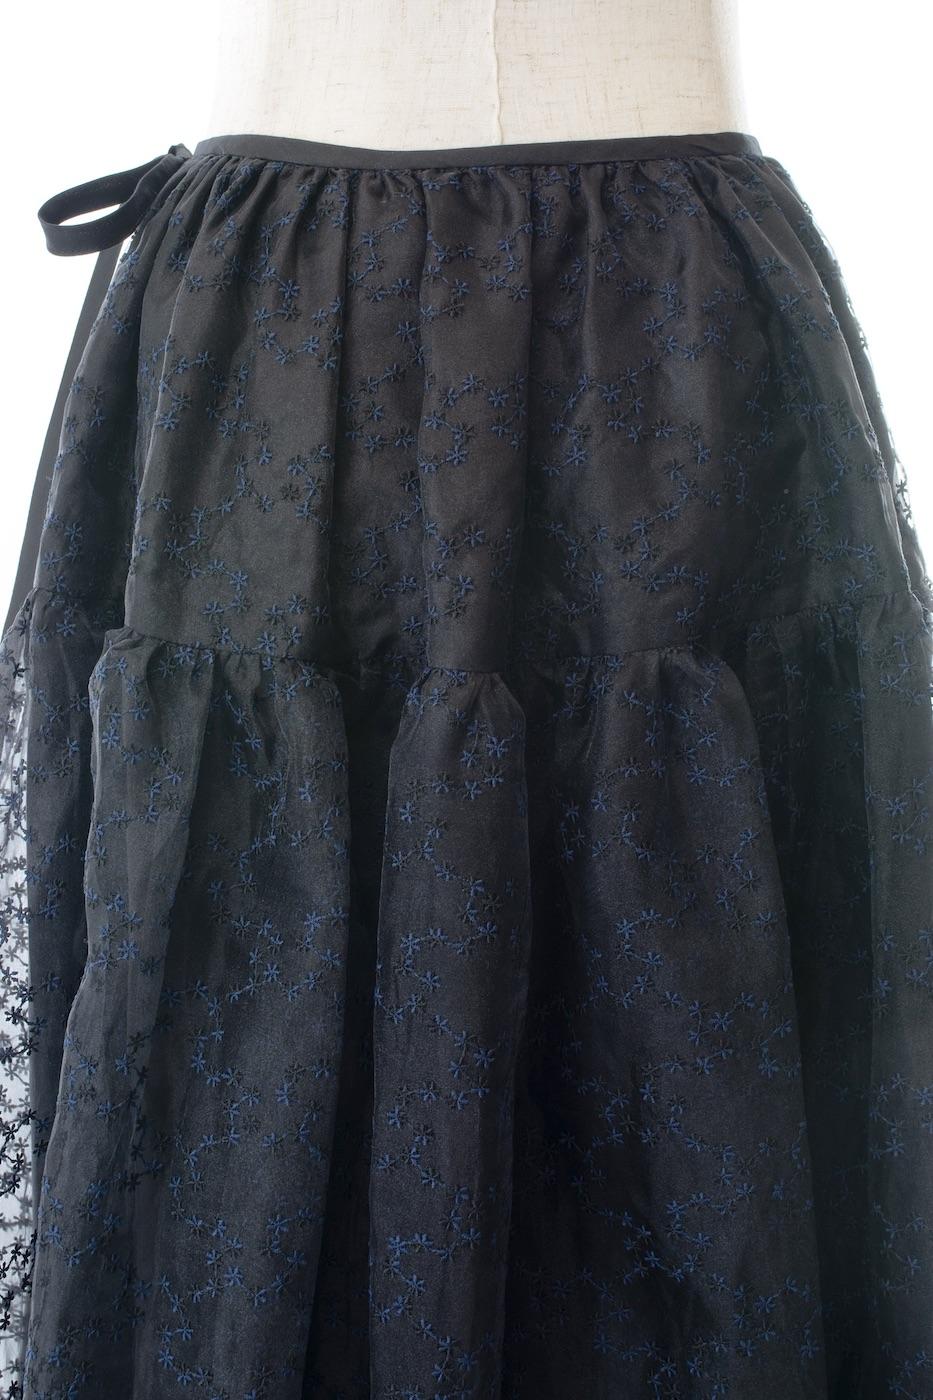 チュールミディスカート/ブラック【残りわずか】